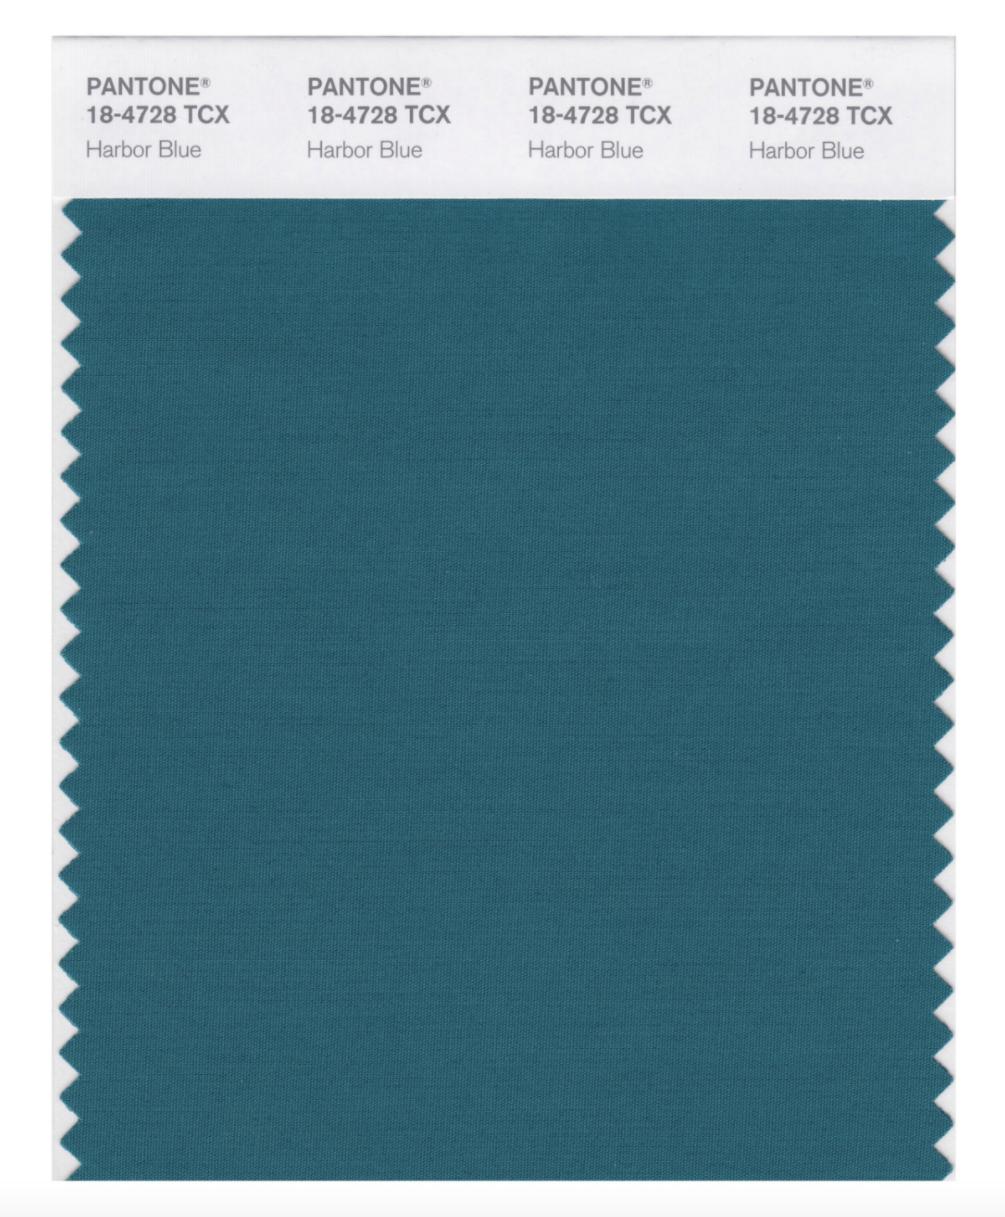 Институт Pantone представил главные цвета весны 2022 года (ФОТО) - фото №5